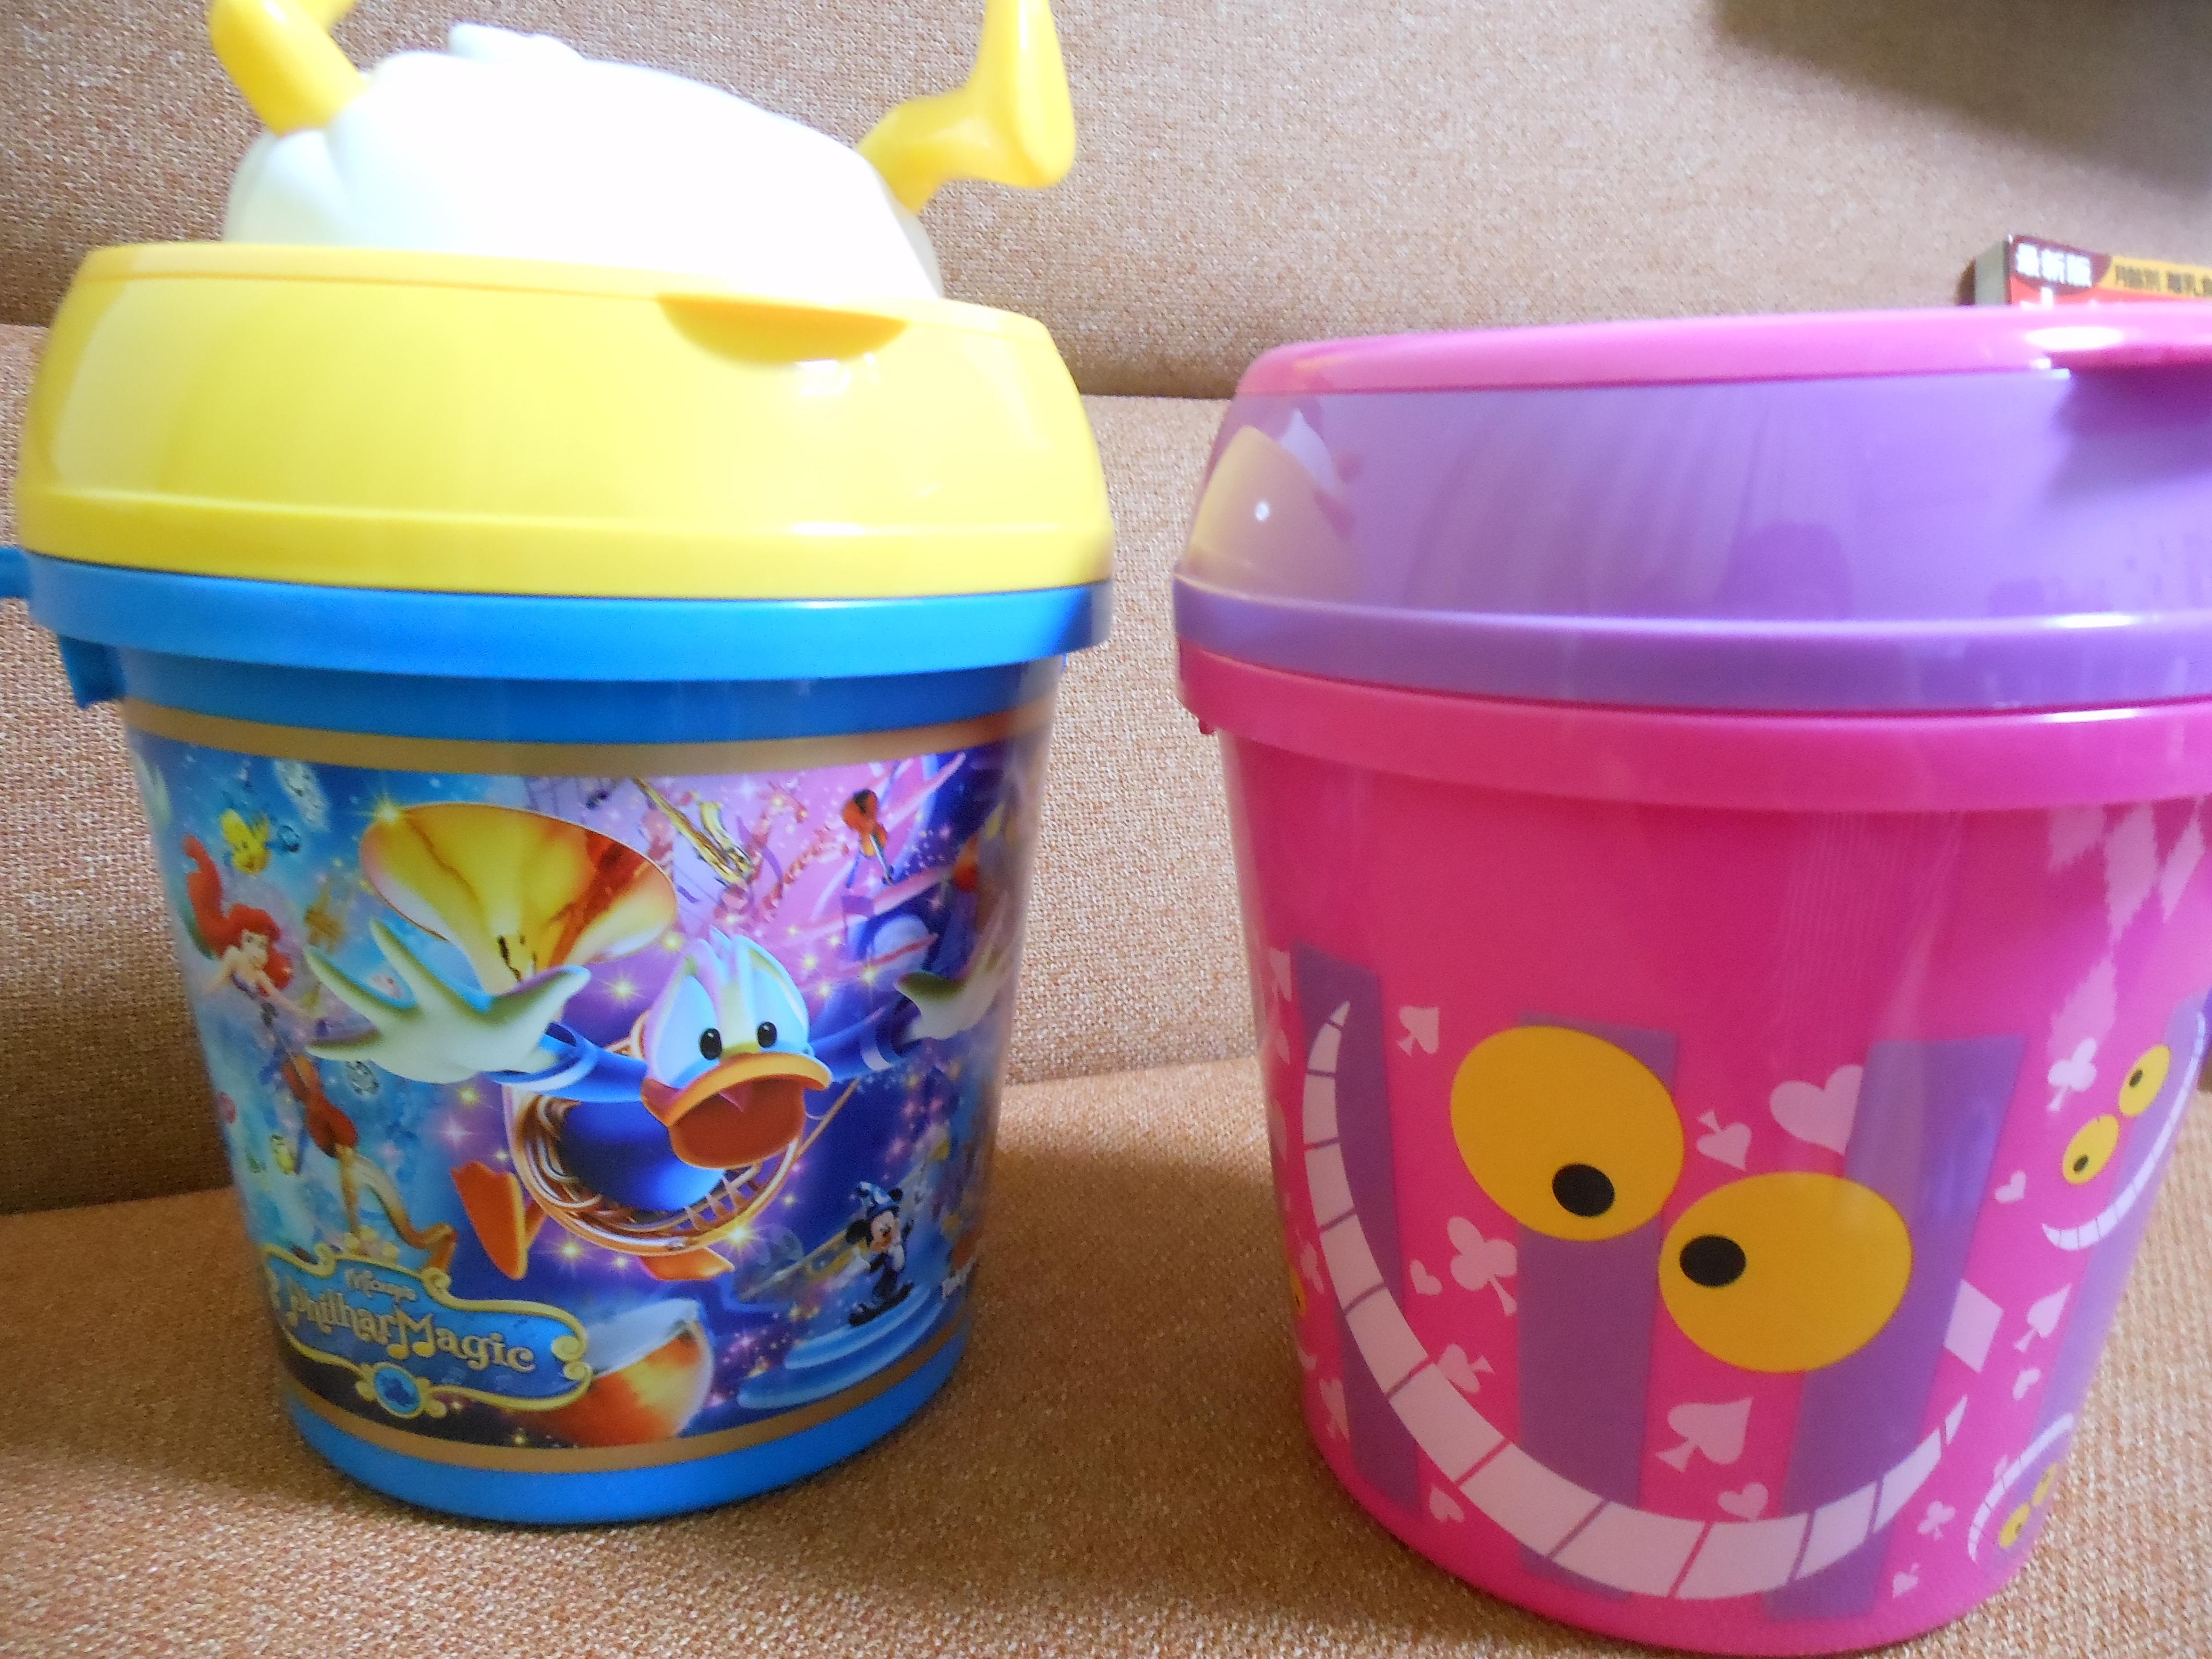 ... | 子育て世代のおもちゃ選び : お風呂 おもちゃ 手作り : すべての講義